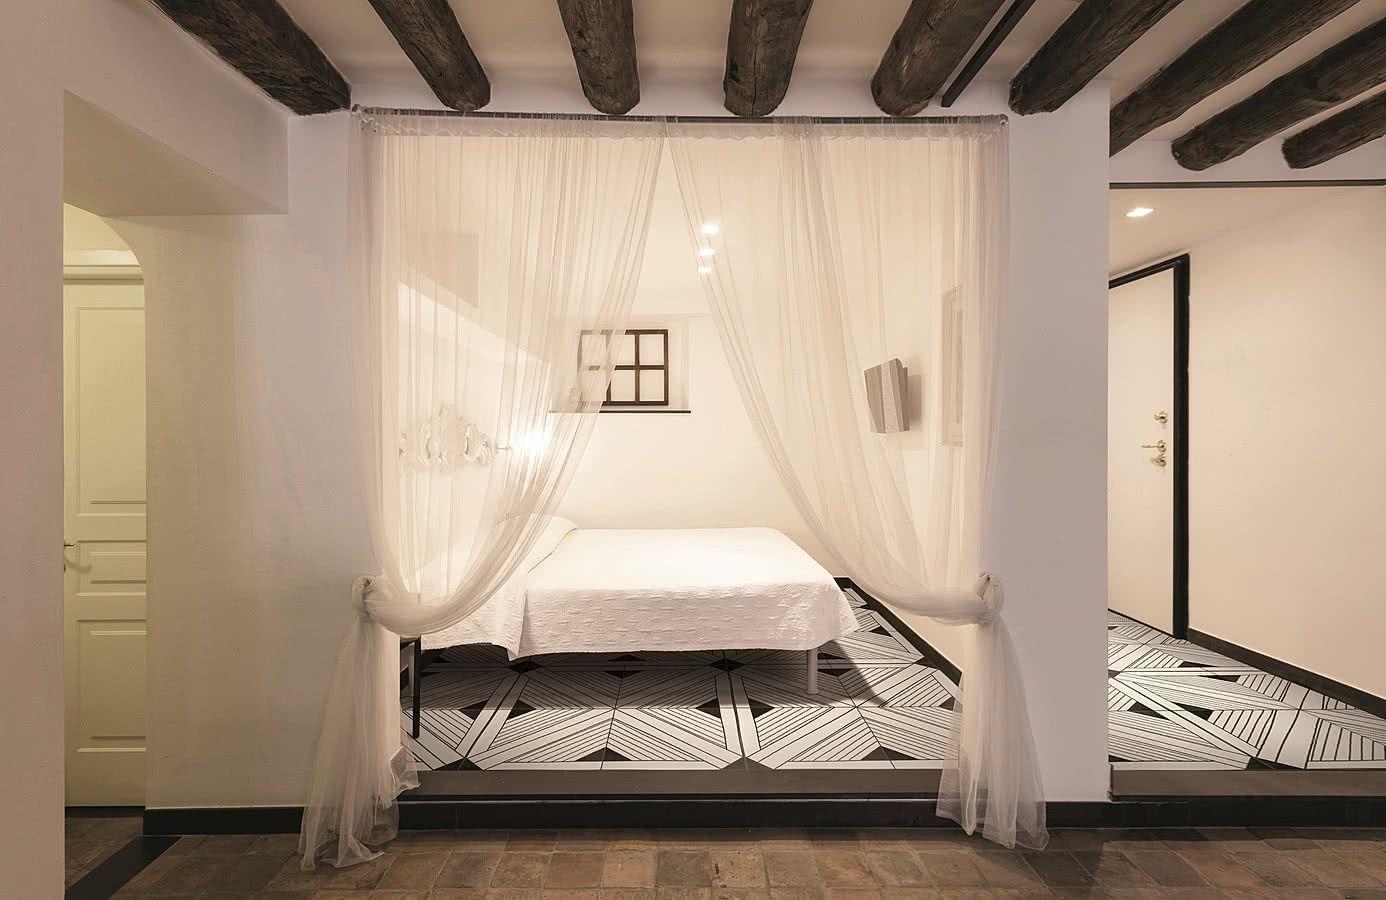 Tangle Ornamenta 11, Öffentliche Räume, Wohnzimmer, Küche, Badezimmer,  Schlafzimmer